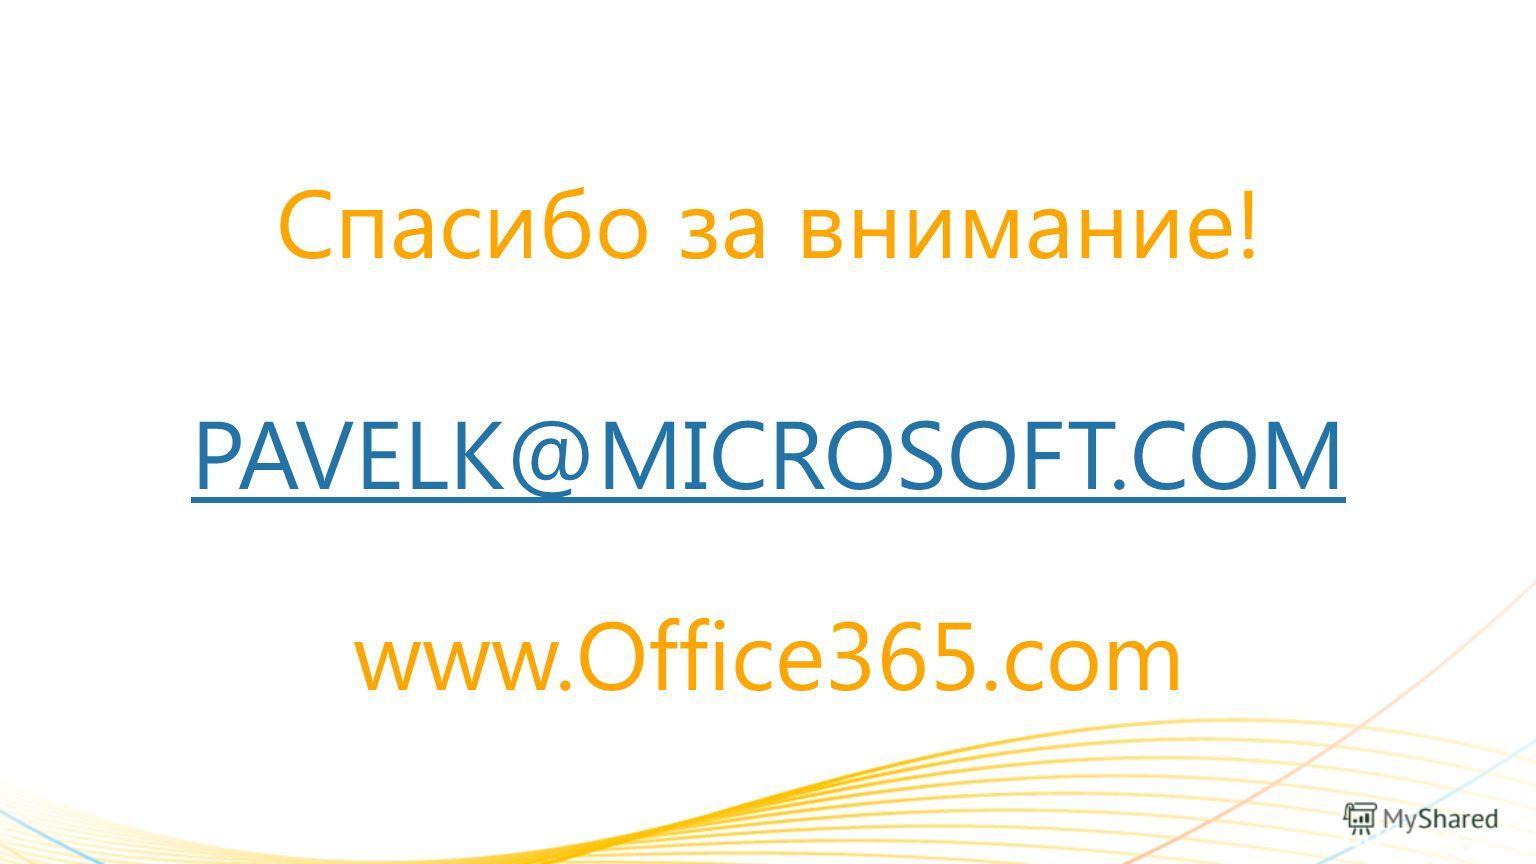 Спасибо за внимание! PAVELK@MICROSOFT.COM www.Office365.com